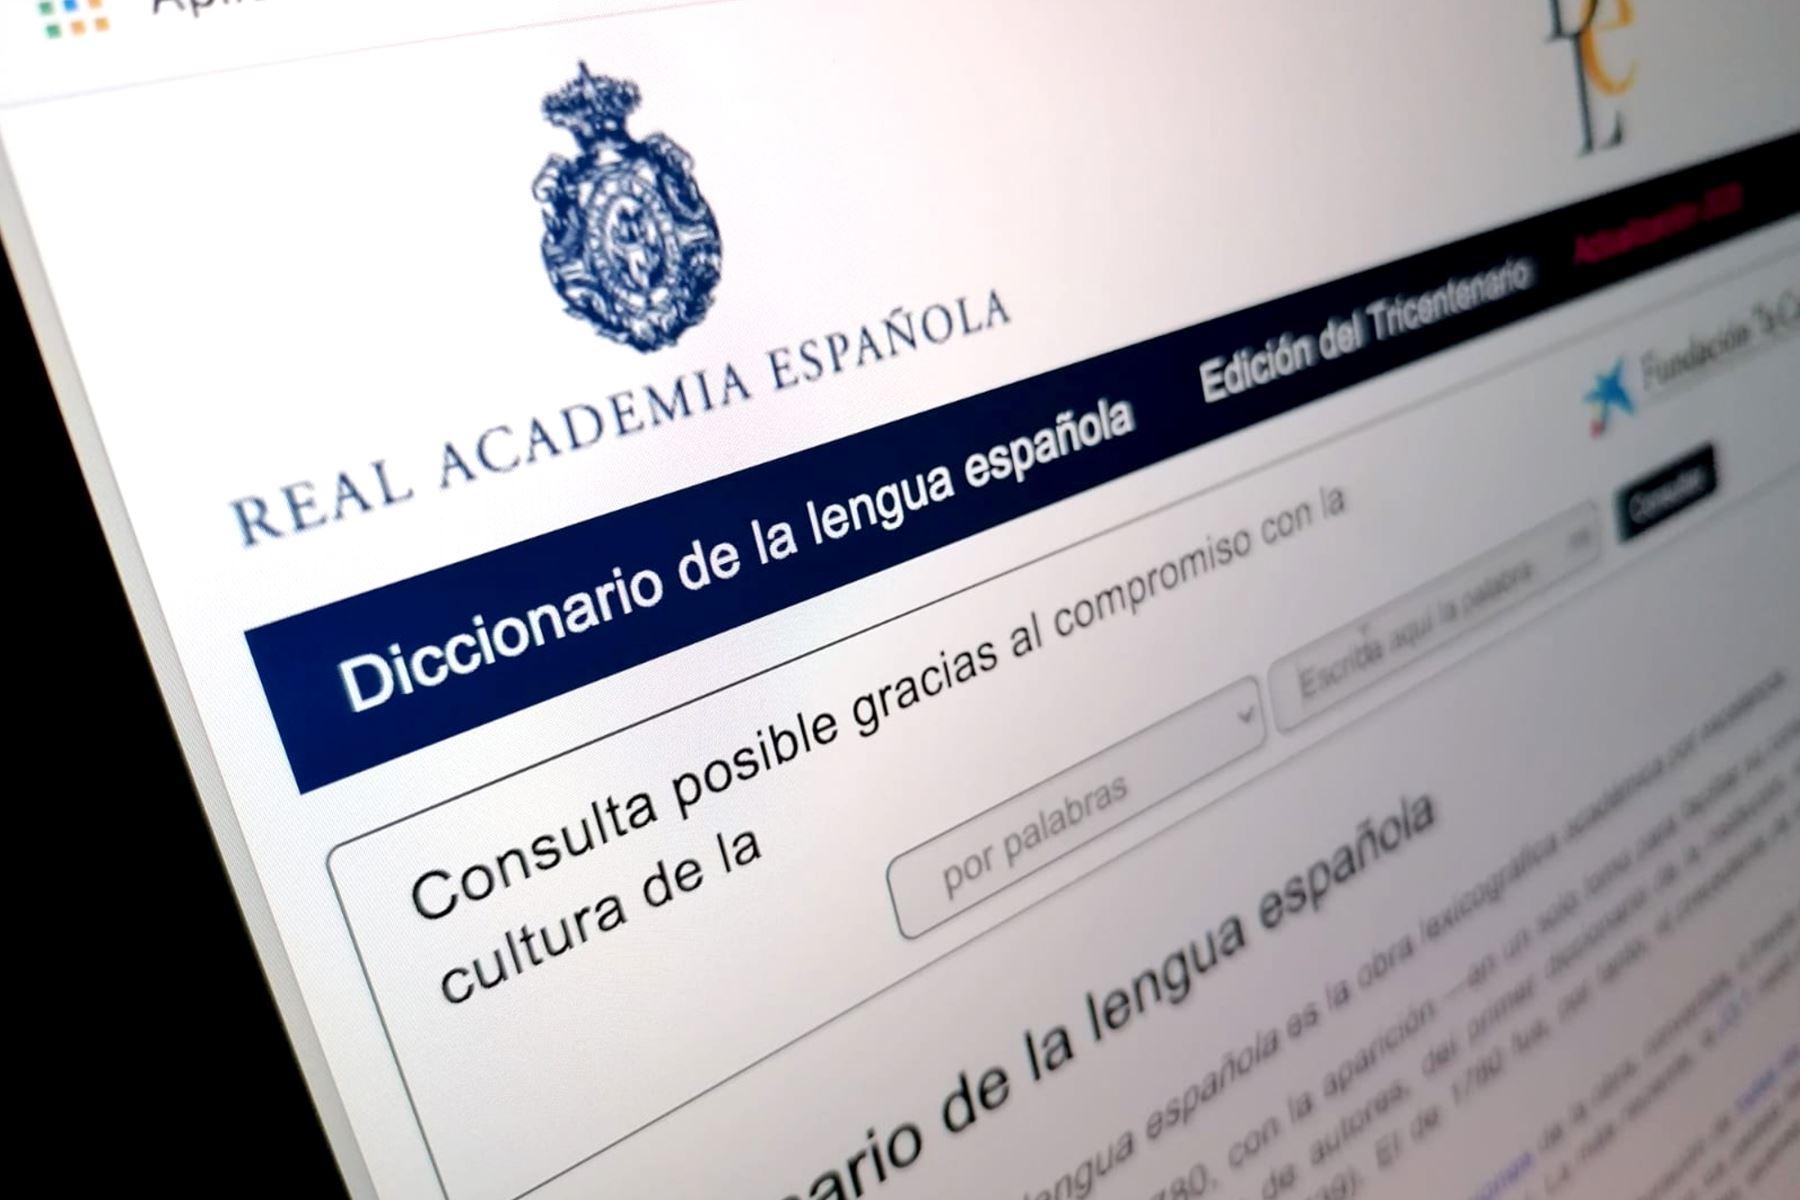 rae-diccionario-espanol-supero-las-1000-millones-de-consultas-en-linea